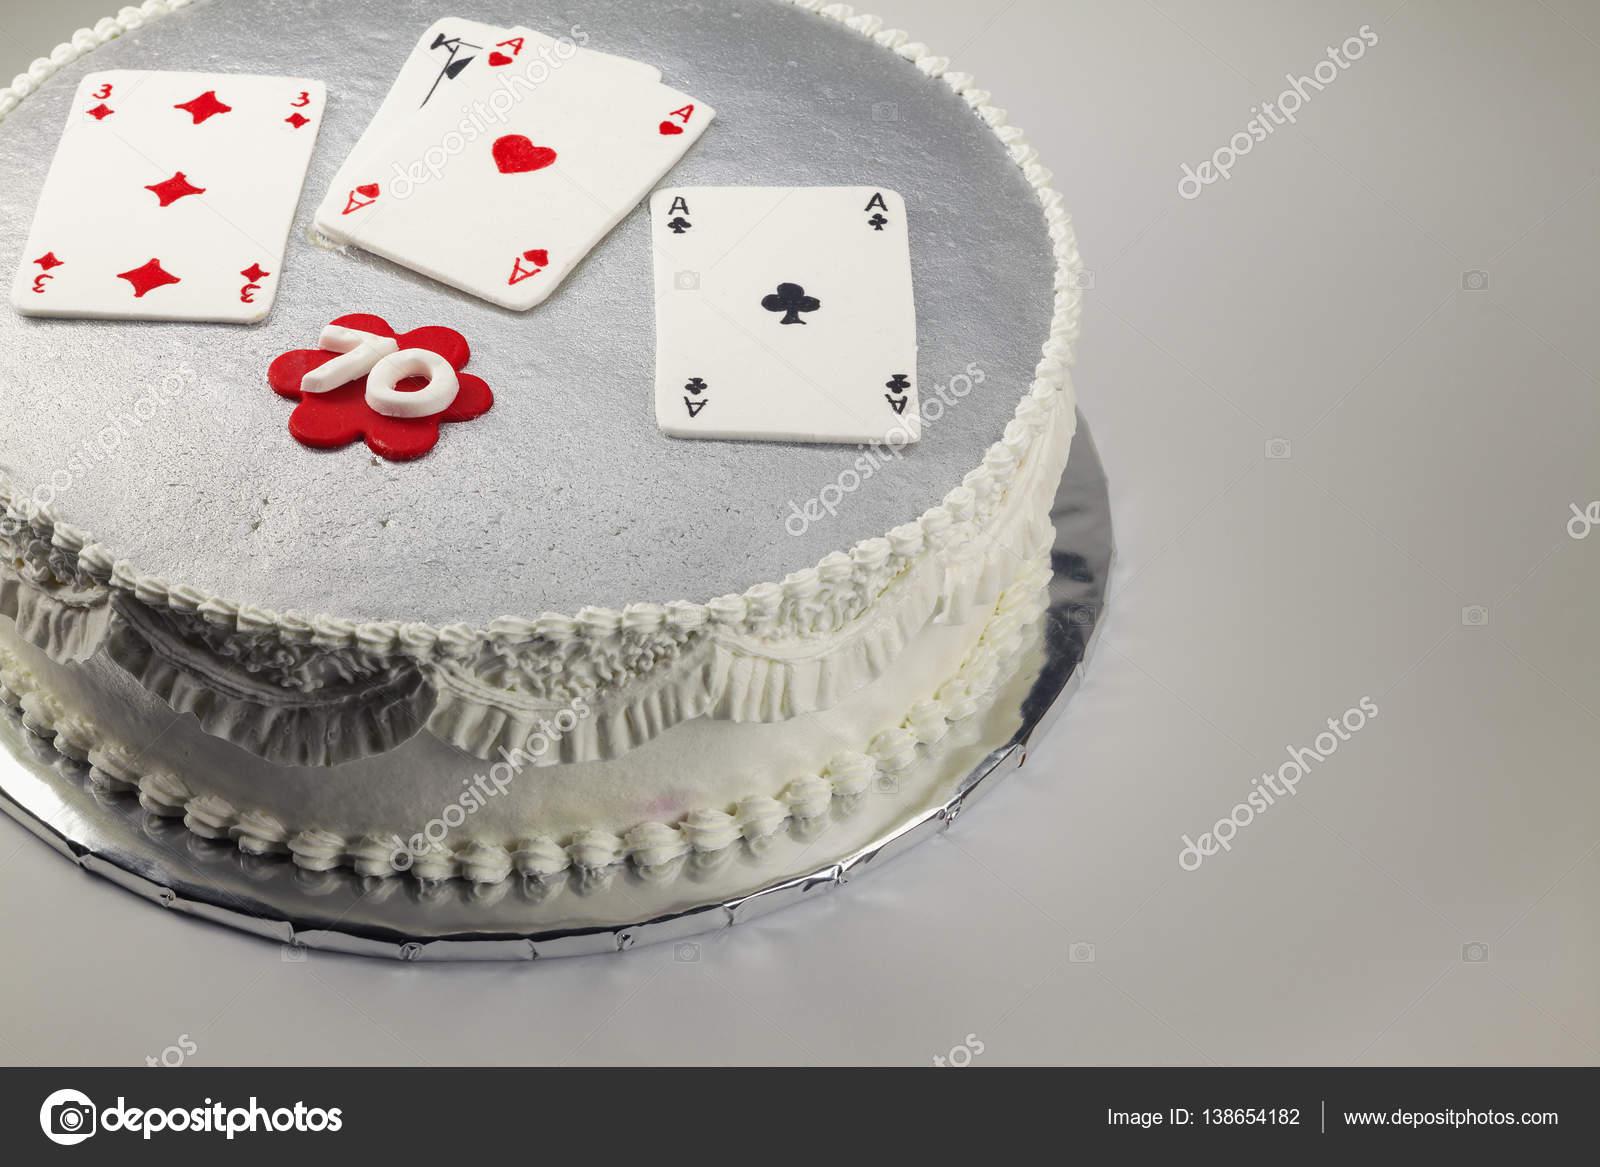 Design Und Dekoration Einer 70 Geburtstagstorte Mit Glucksspiel Karten An Der Spitze Foto Von